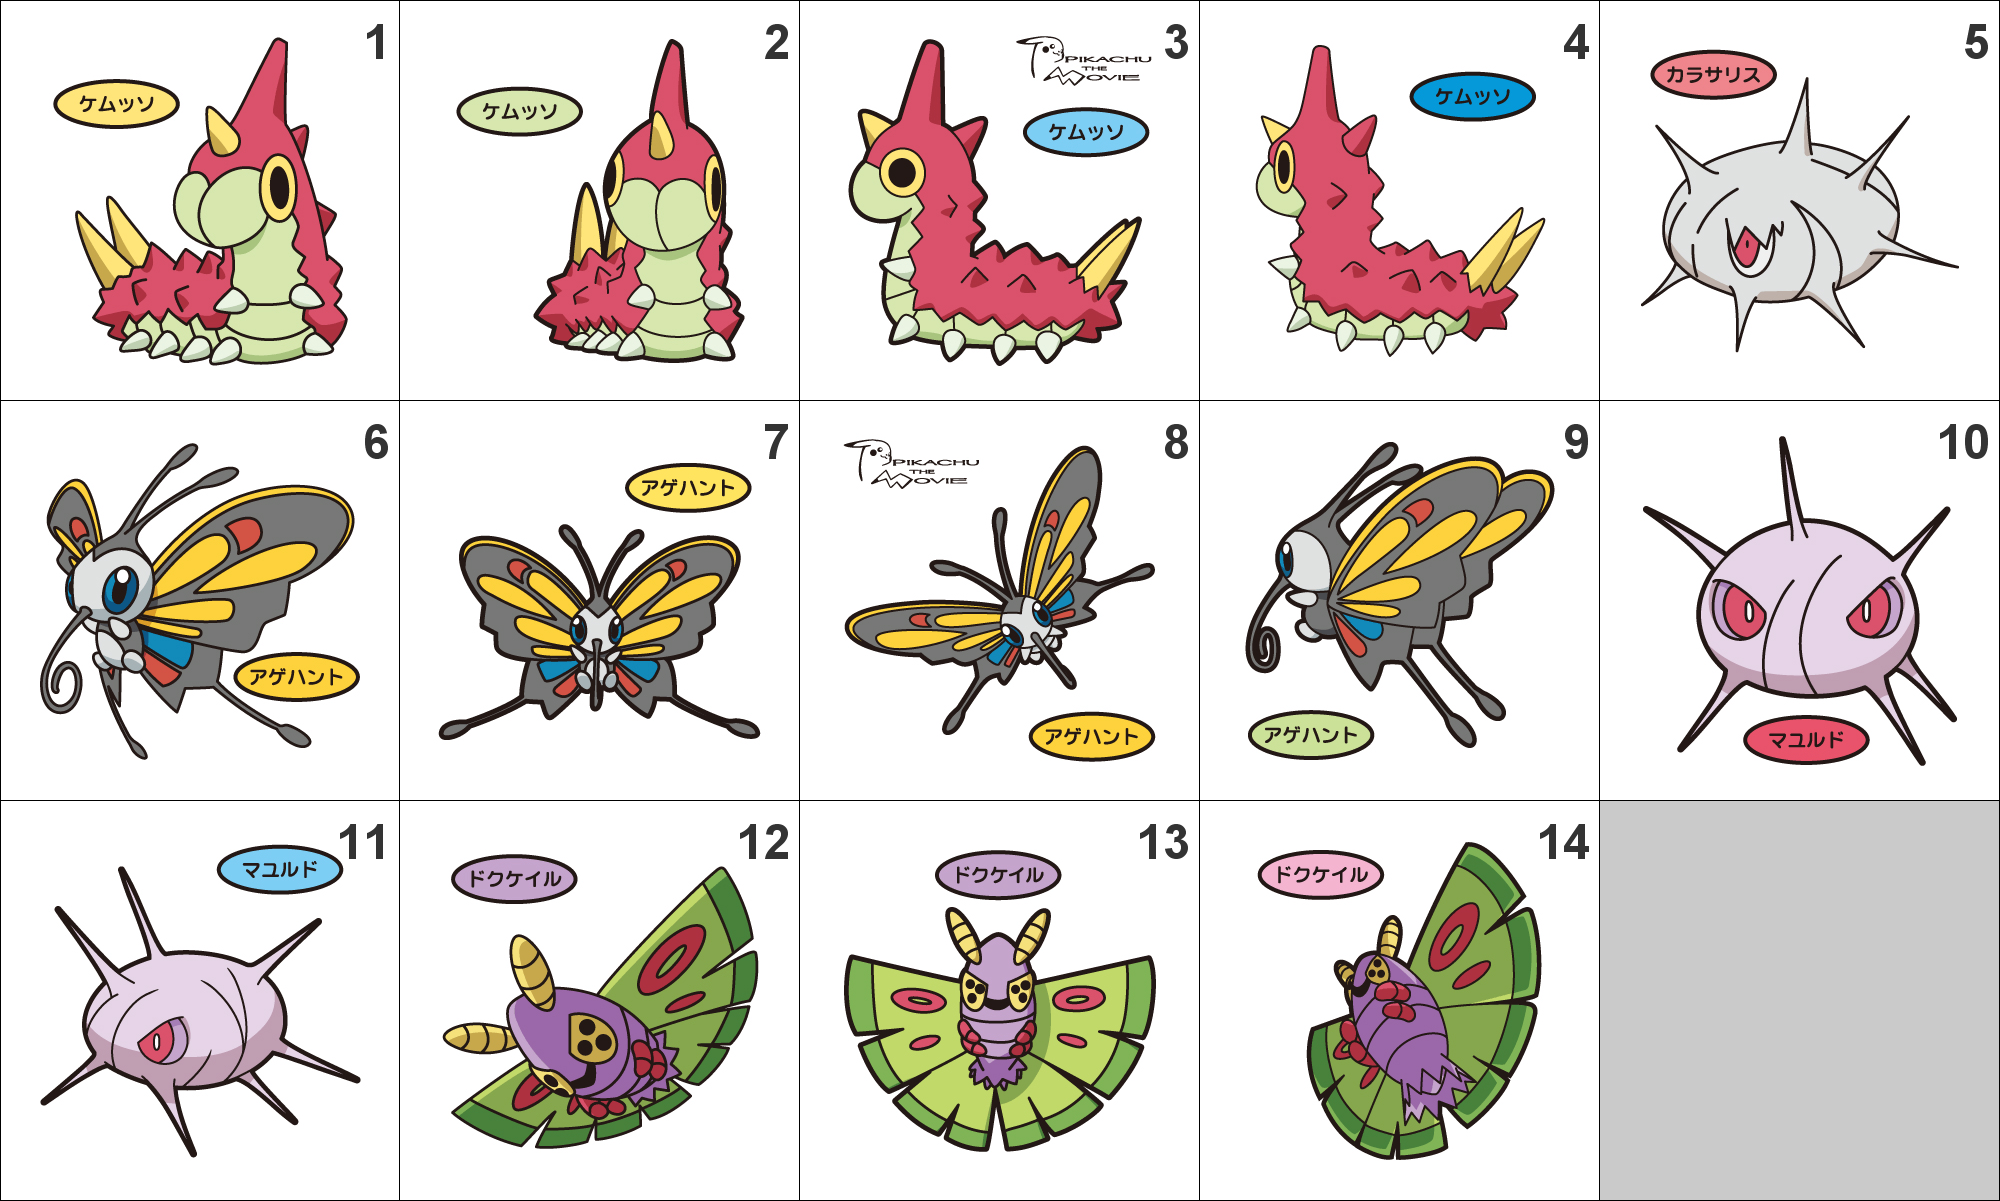 265 266 267 268 269 Wurmple Silcoon Beautifly Cascoon Dustox Pan Stickers Pokemon